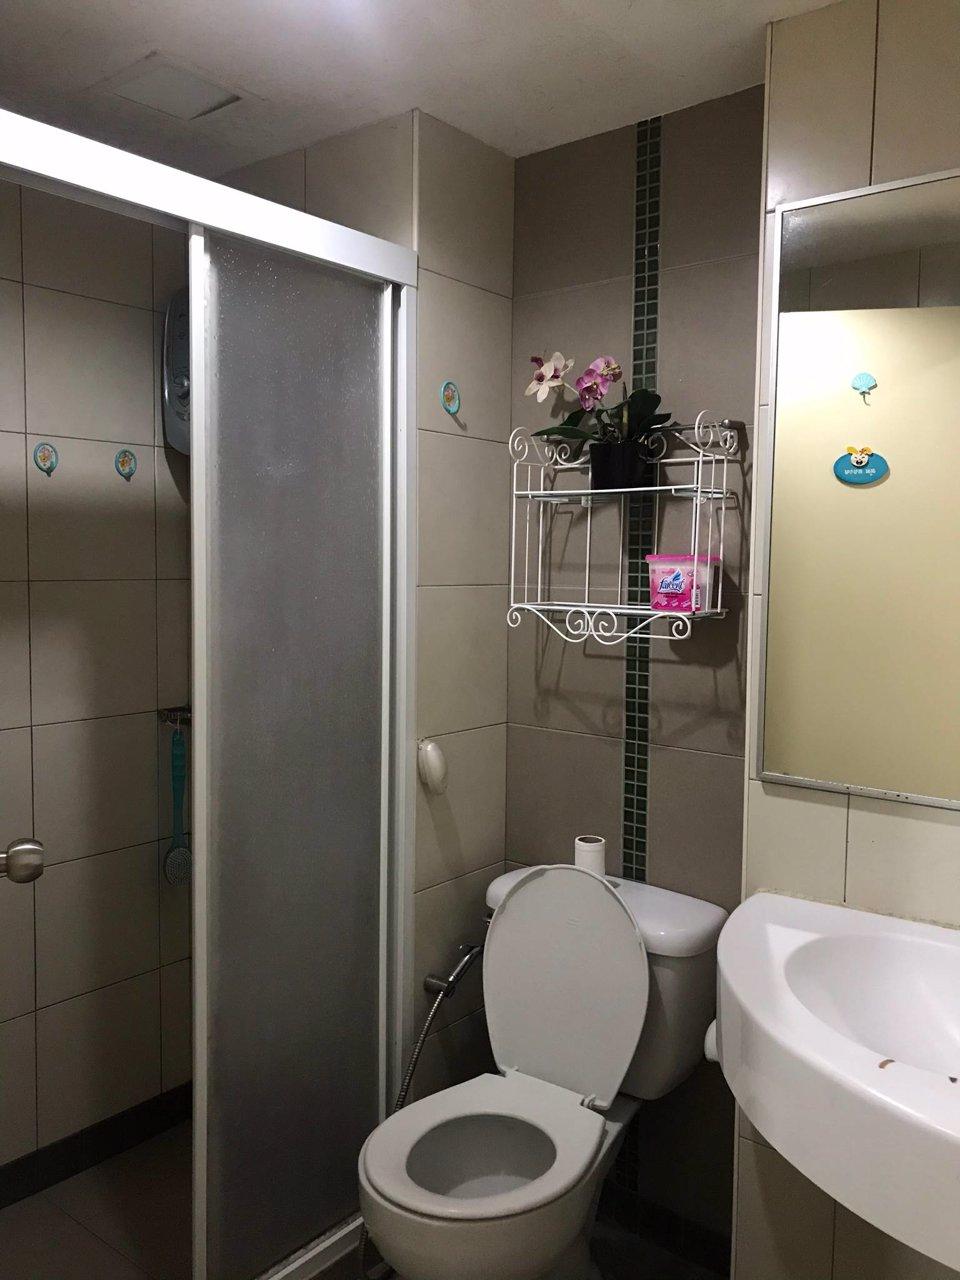 ด่วนห้องตกแต่งพร้อมอยู่-ราคาแรง-คอนโด-lpn-รามอินทรา-กม-8-ขนาด-25-ตรม-ชั้น-9-อาคาร-a-ห้องบิ้วอิน